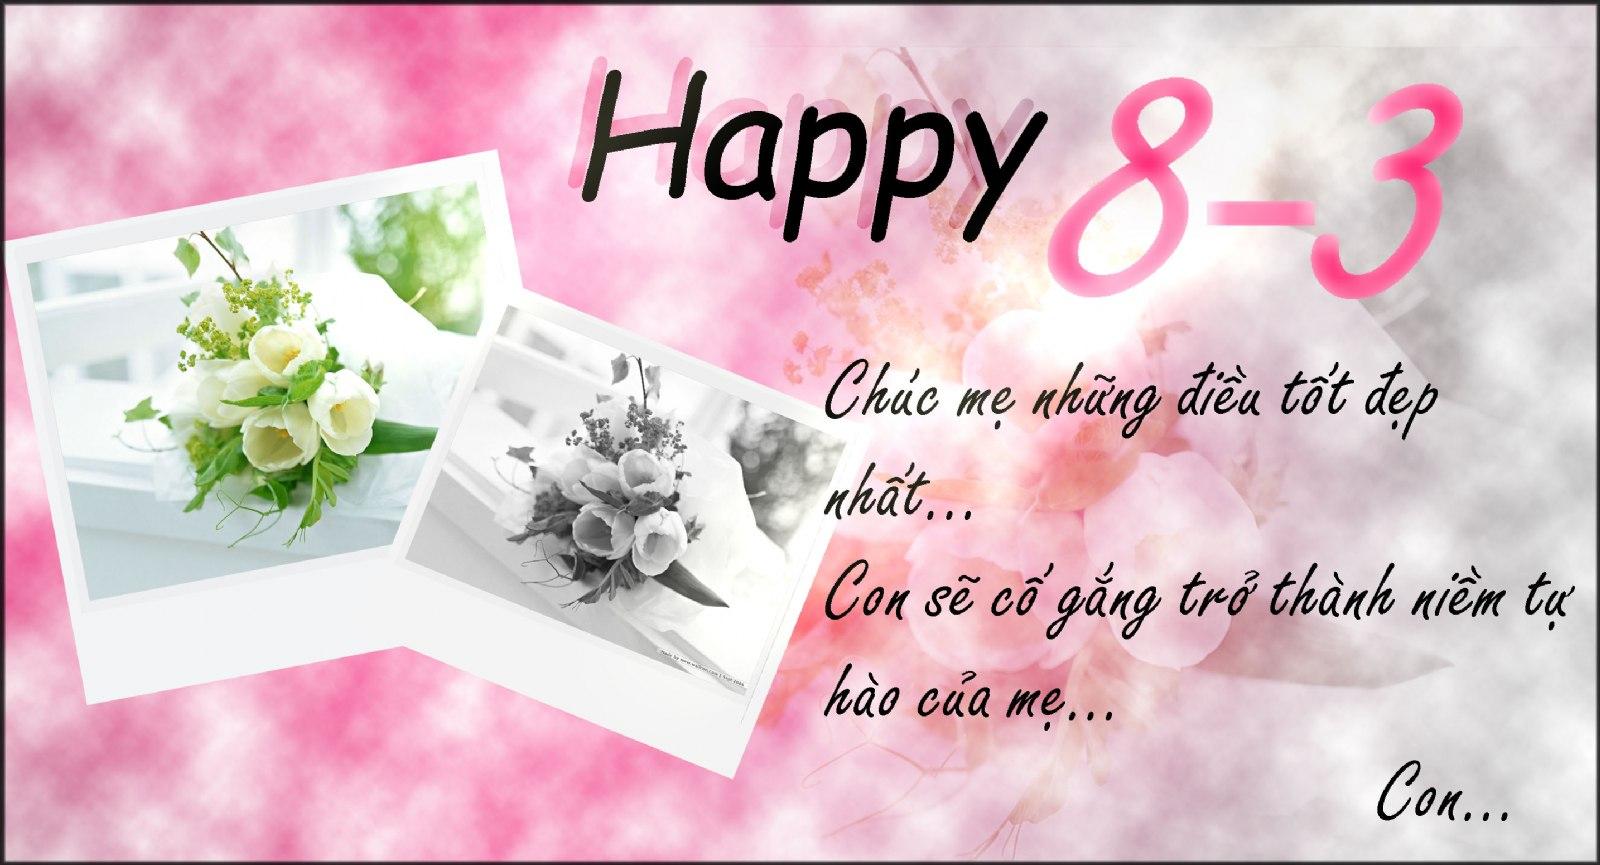 Hình nền 8/3 \u2013 Ảnh nền ngày Quốc tế Phụ Nữ 8 tháng 3